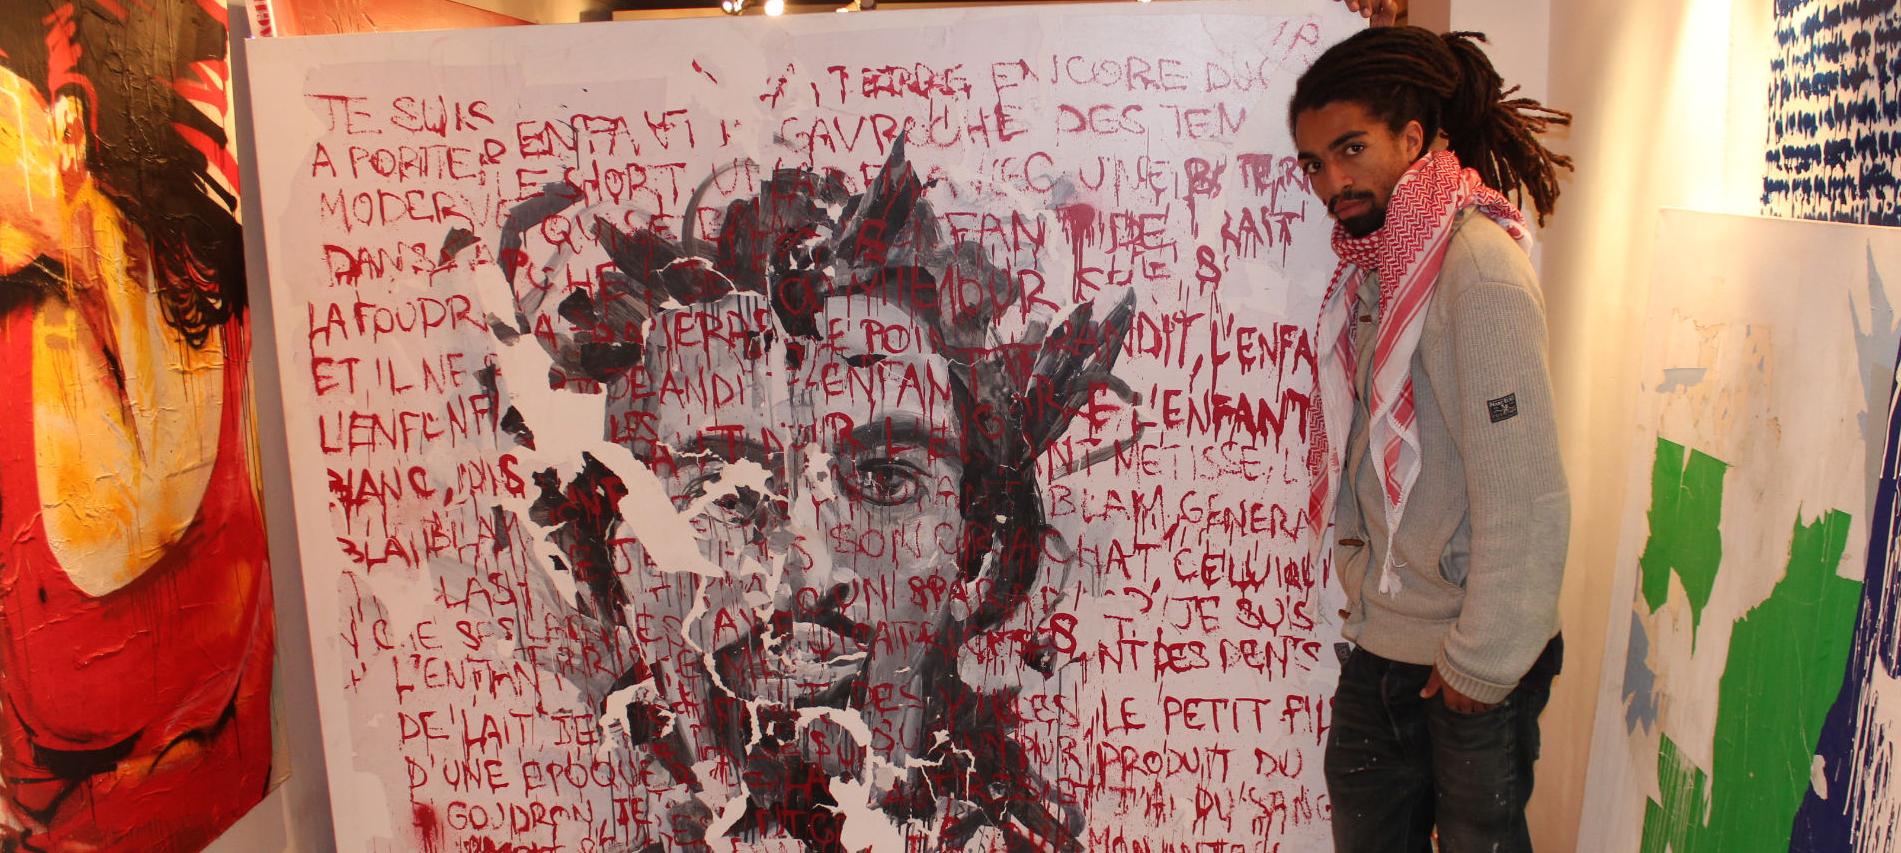 Kouka du papier du carton et de l urgence urban art paris bordeaux - L art du papier paris ...